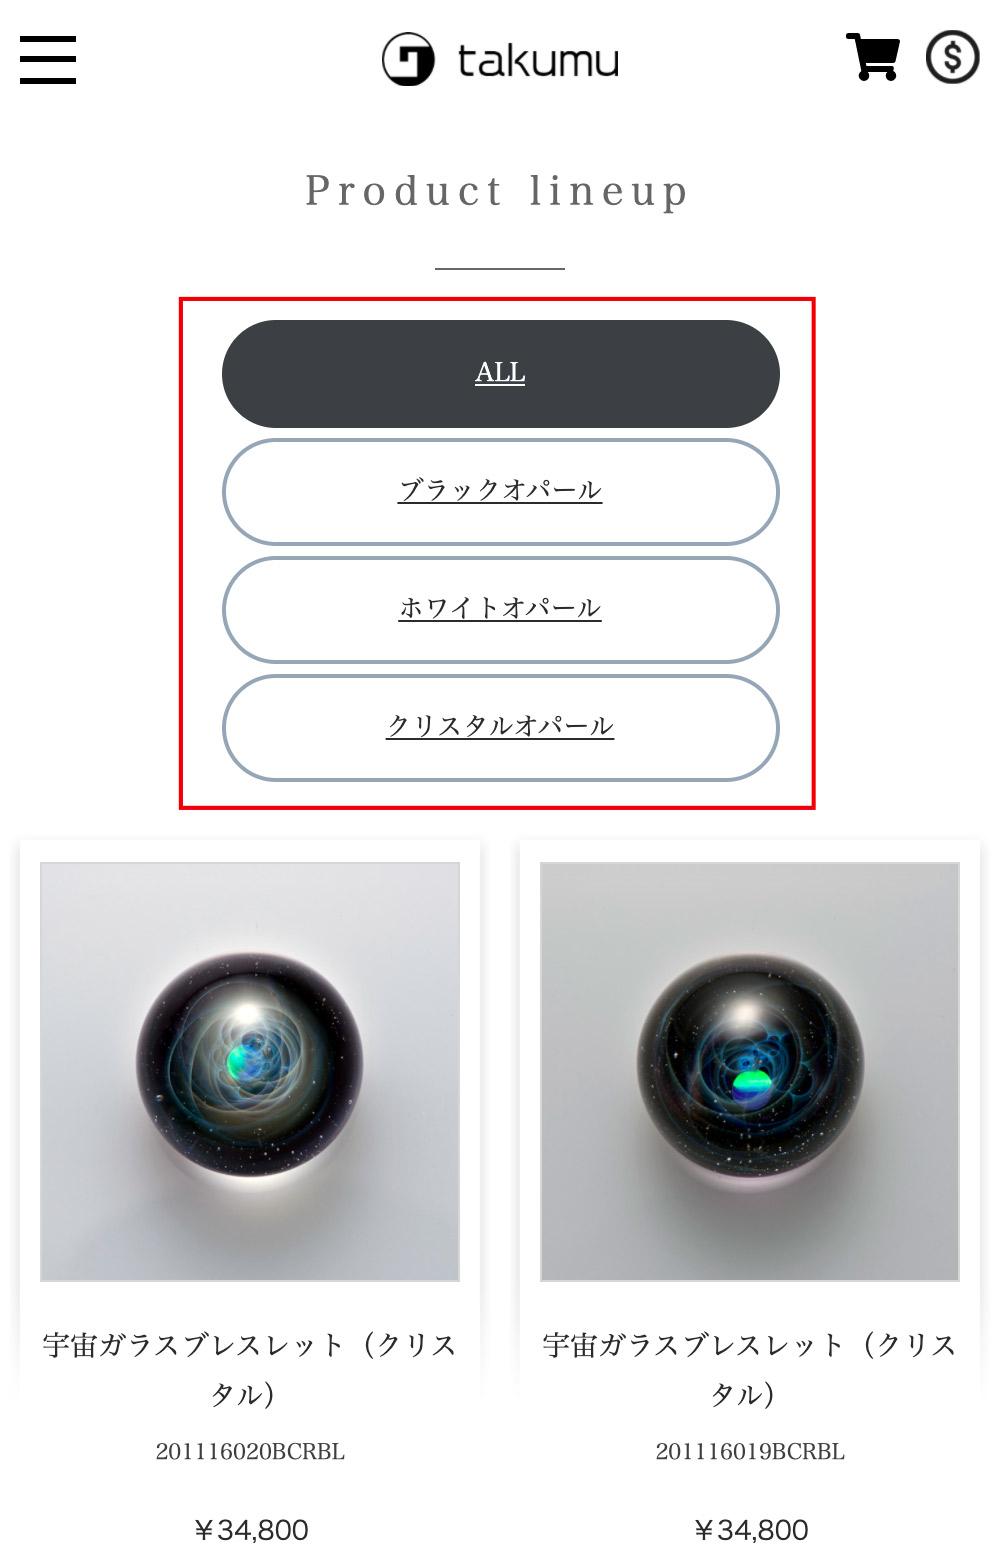 画像:(2) ブランドカテゴリーから選択